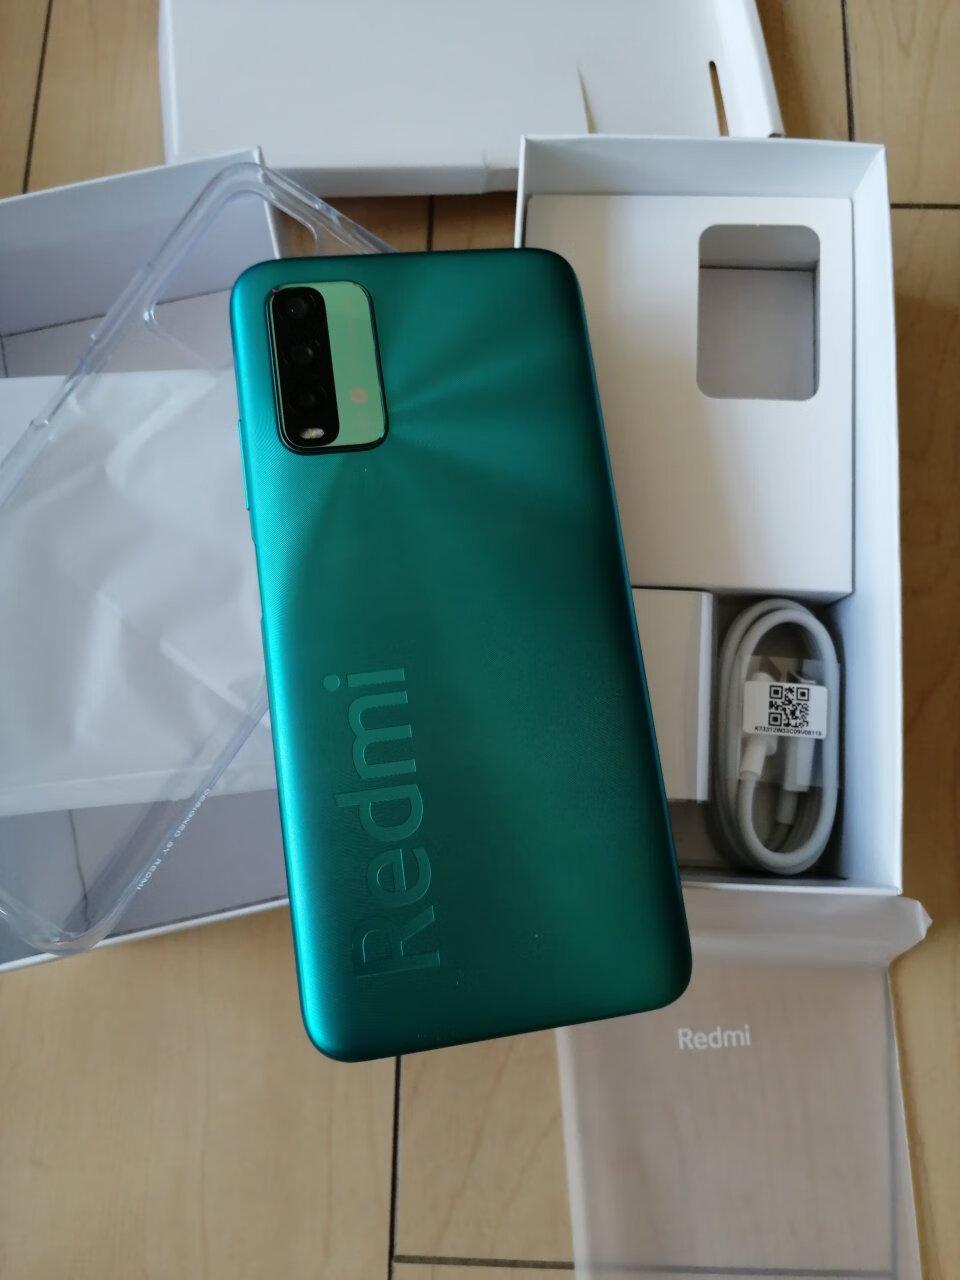 """000毫安大电池红米手机,大屏幕Note9手机"""""""